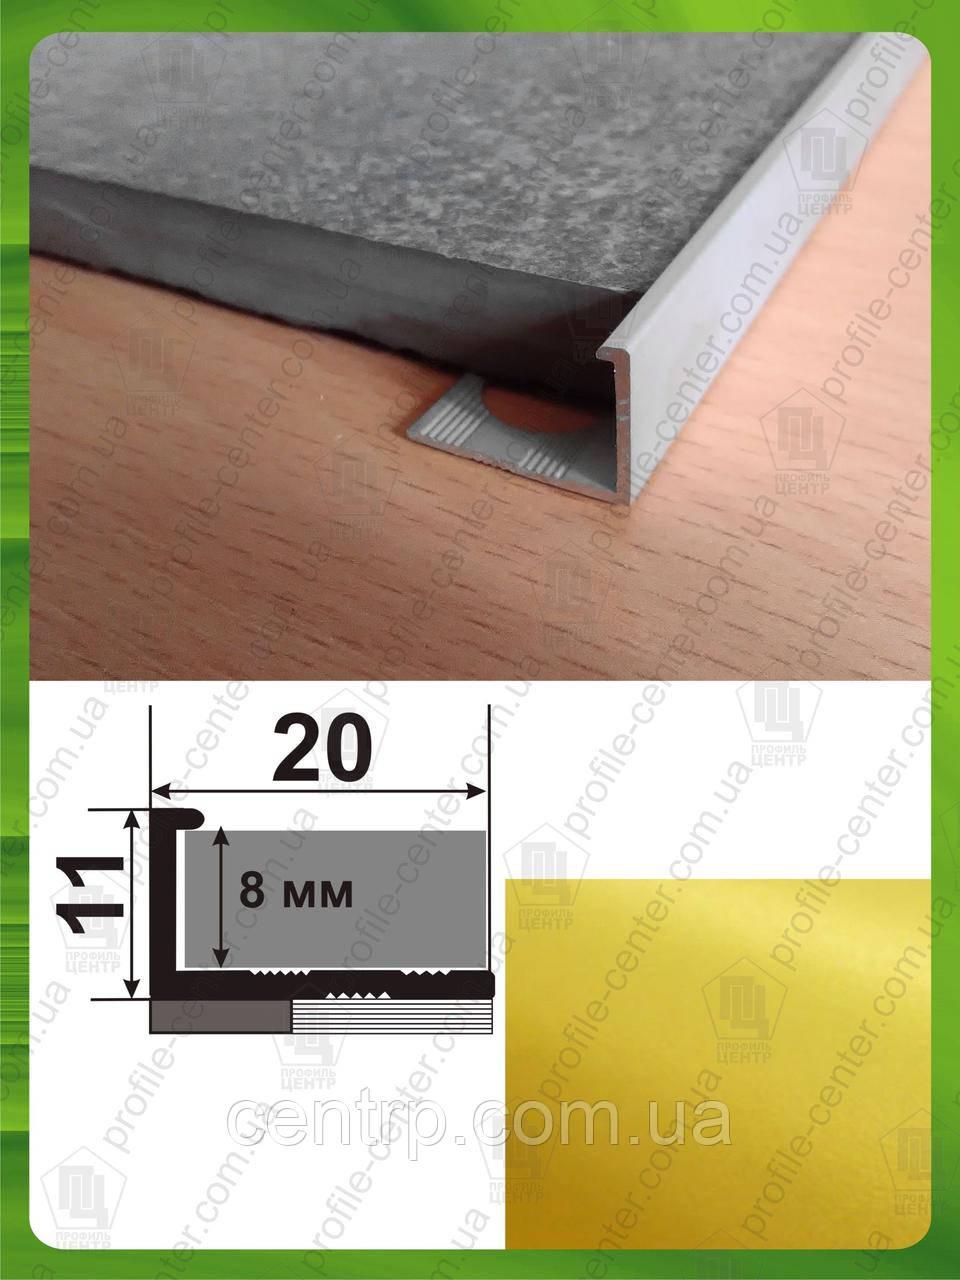 Алюминиевый Г-образный профиль для плитки до 8 мм АП10 L-2.7 м Золото металлик (краш)